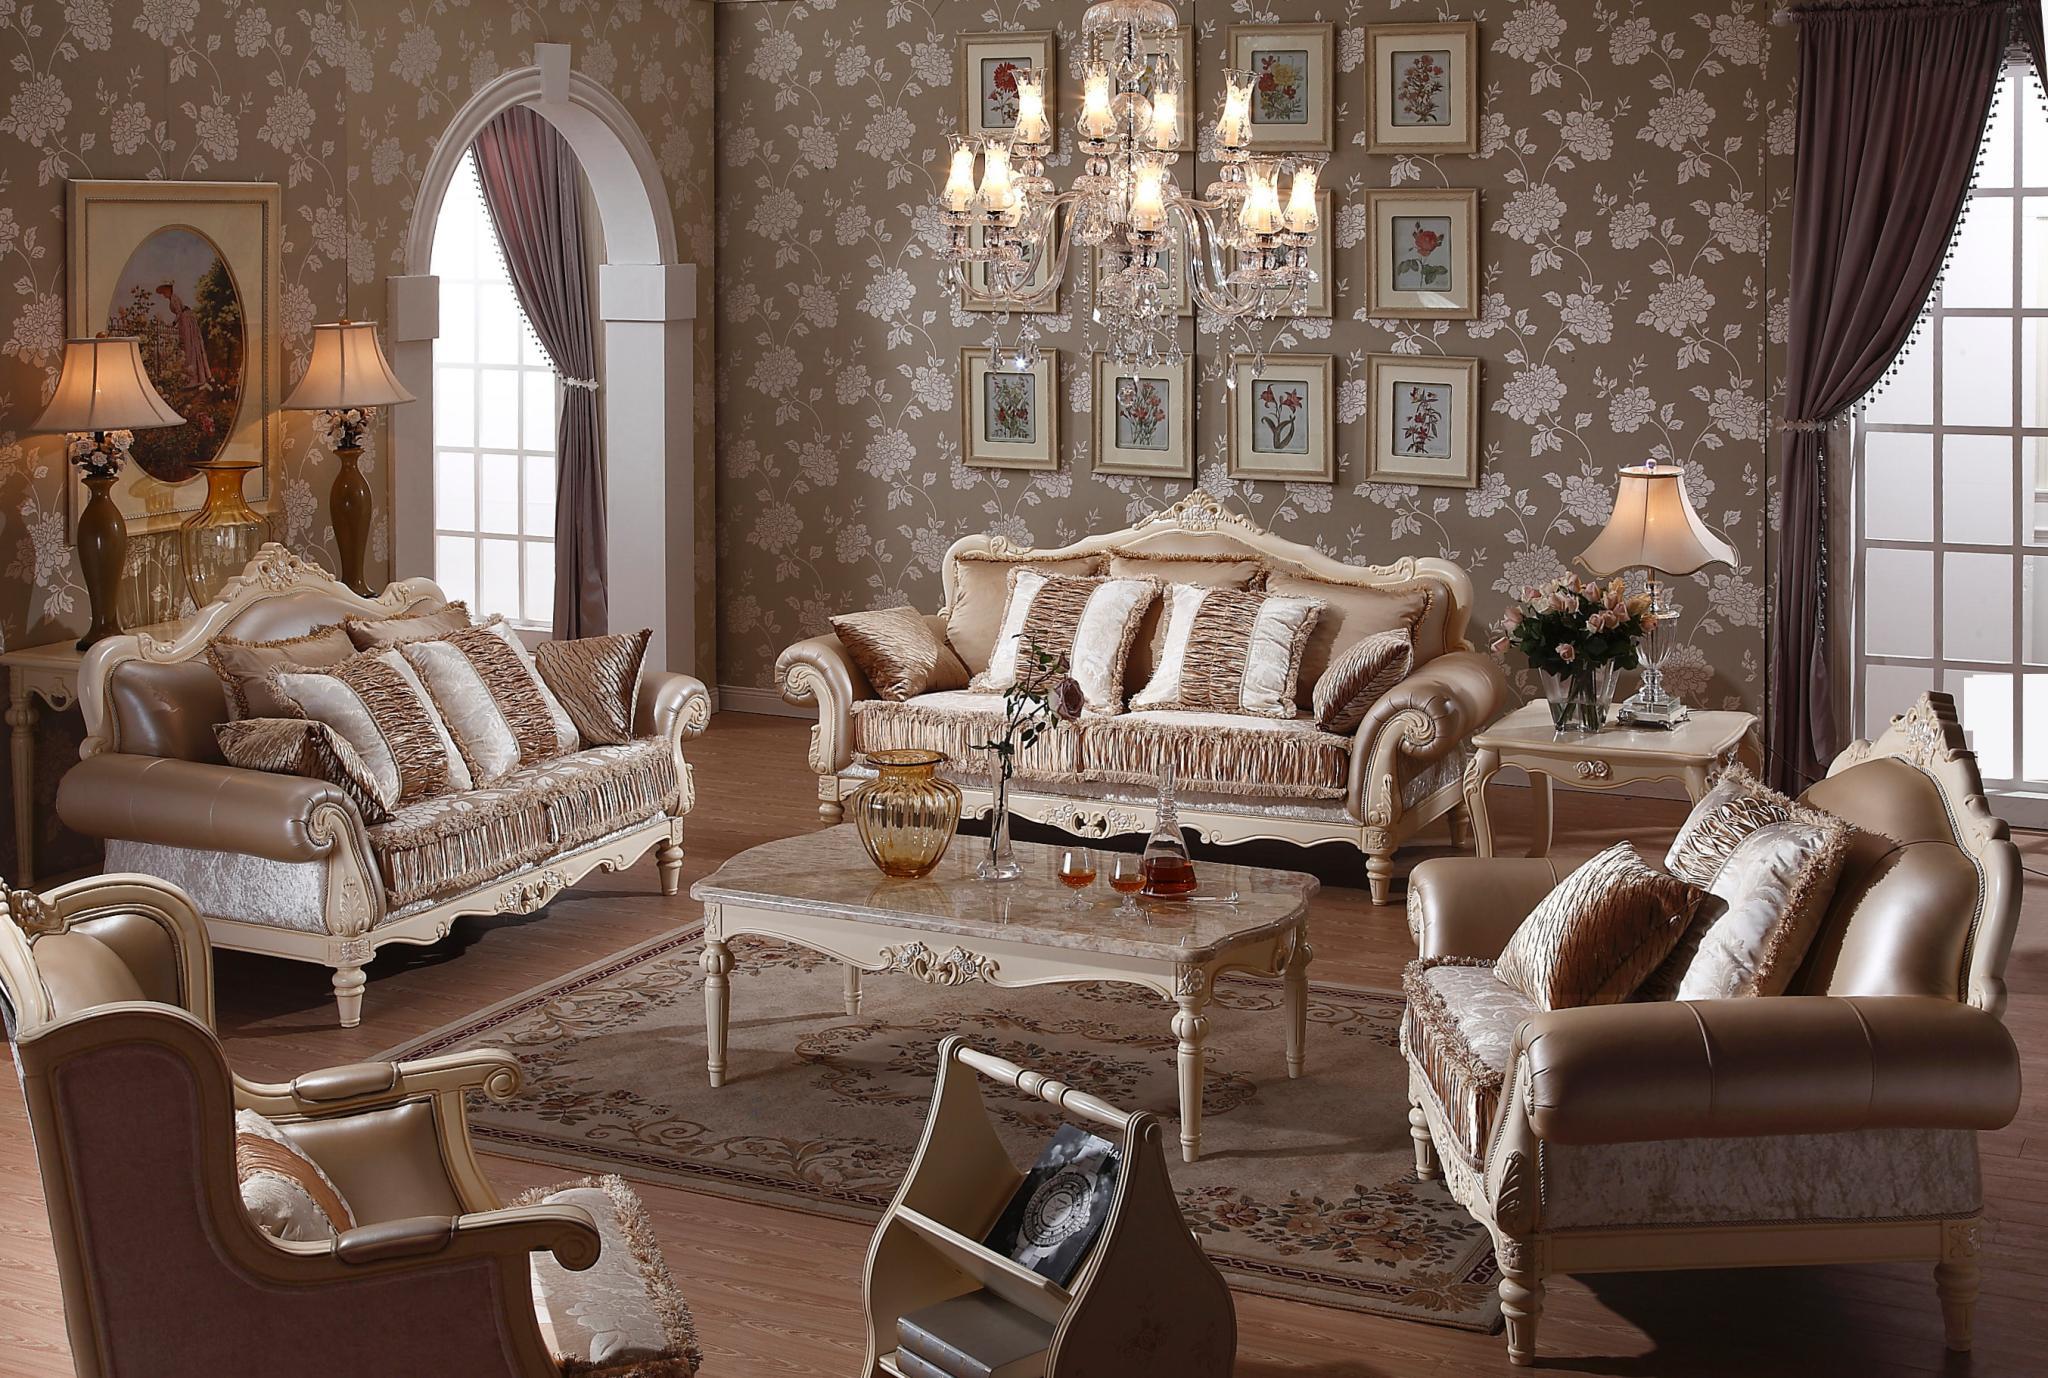 木槿之恋玫瑰欧式家具图片